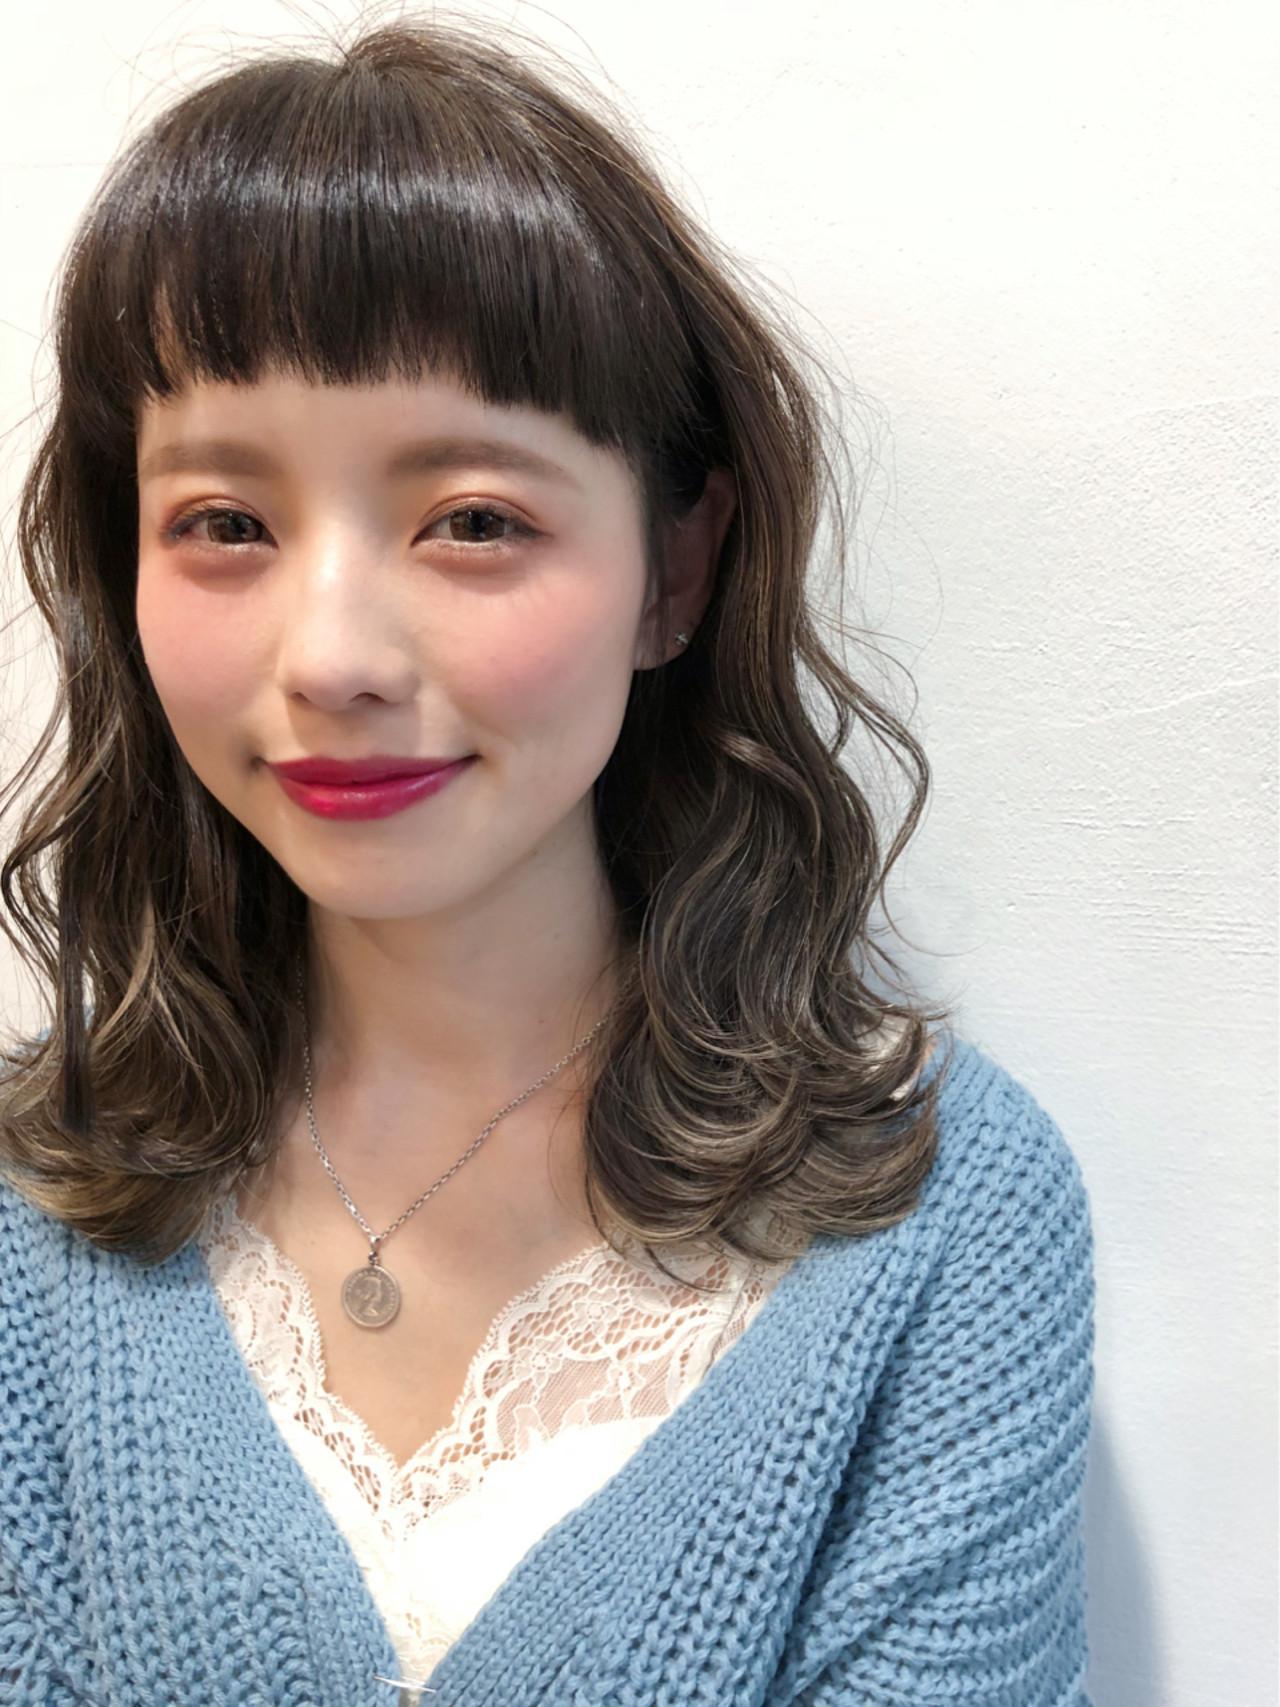 オン眉で印象チェンジ♡丸顔さんも似合うおすすめヘアスタイル紹介の27枚目の画像